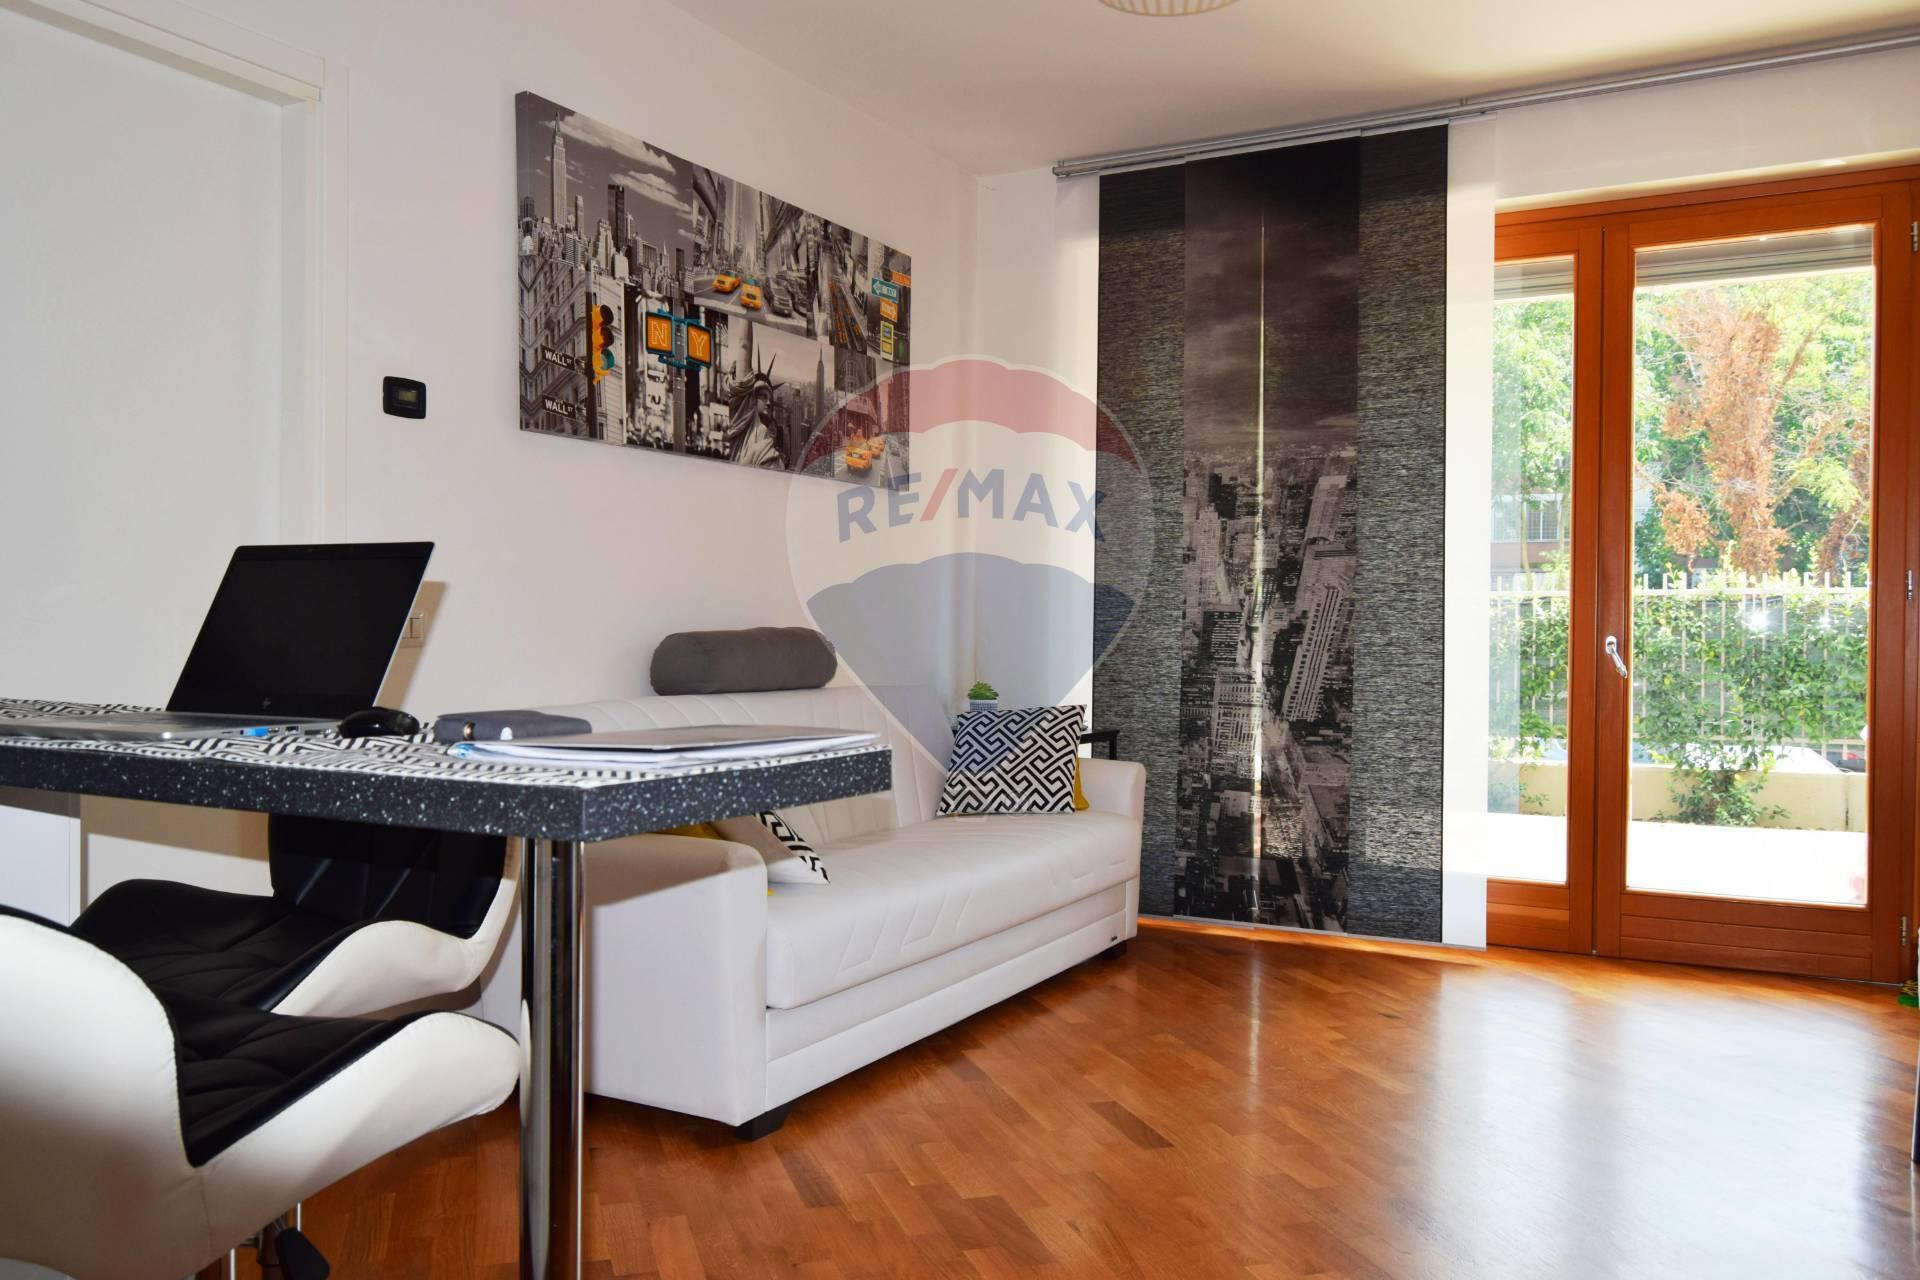 Appartamento in vendita a Roma, 2 locali, zona Zona: 5 . Montesacro - Talenti, prezzo € 229.000   CambioCasa.it